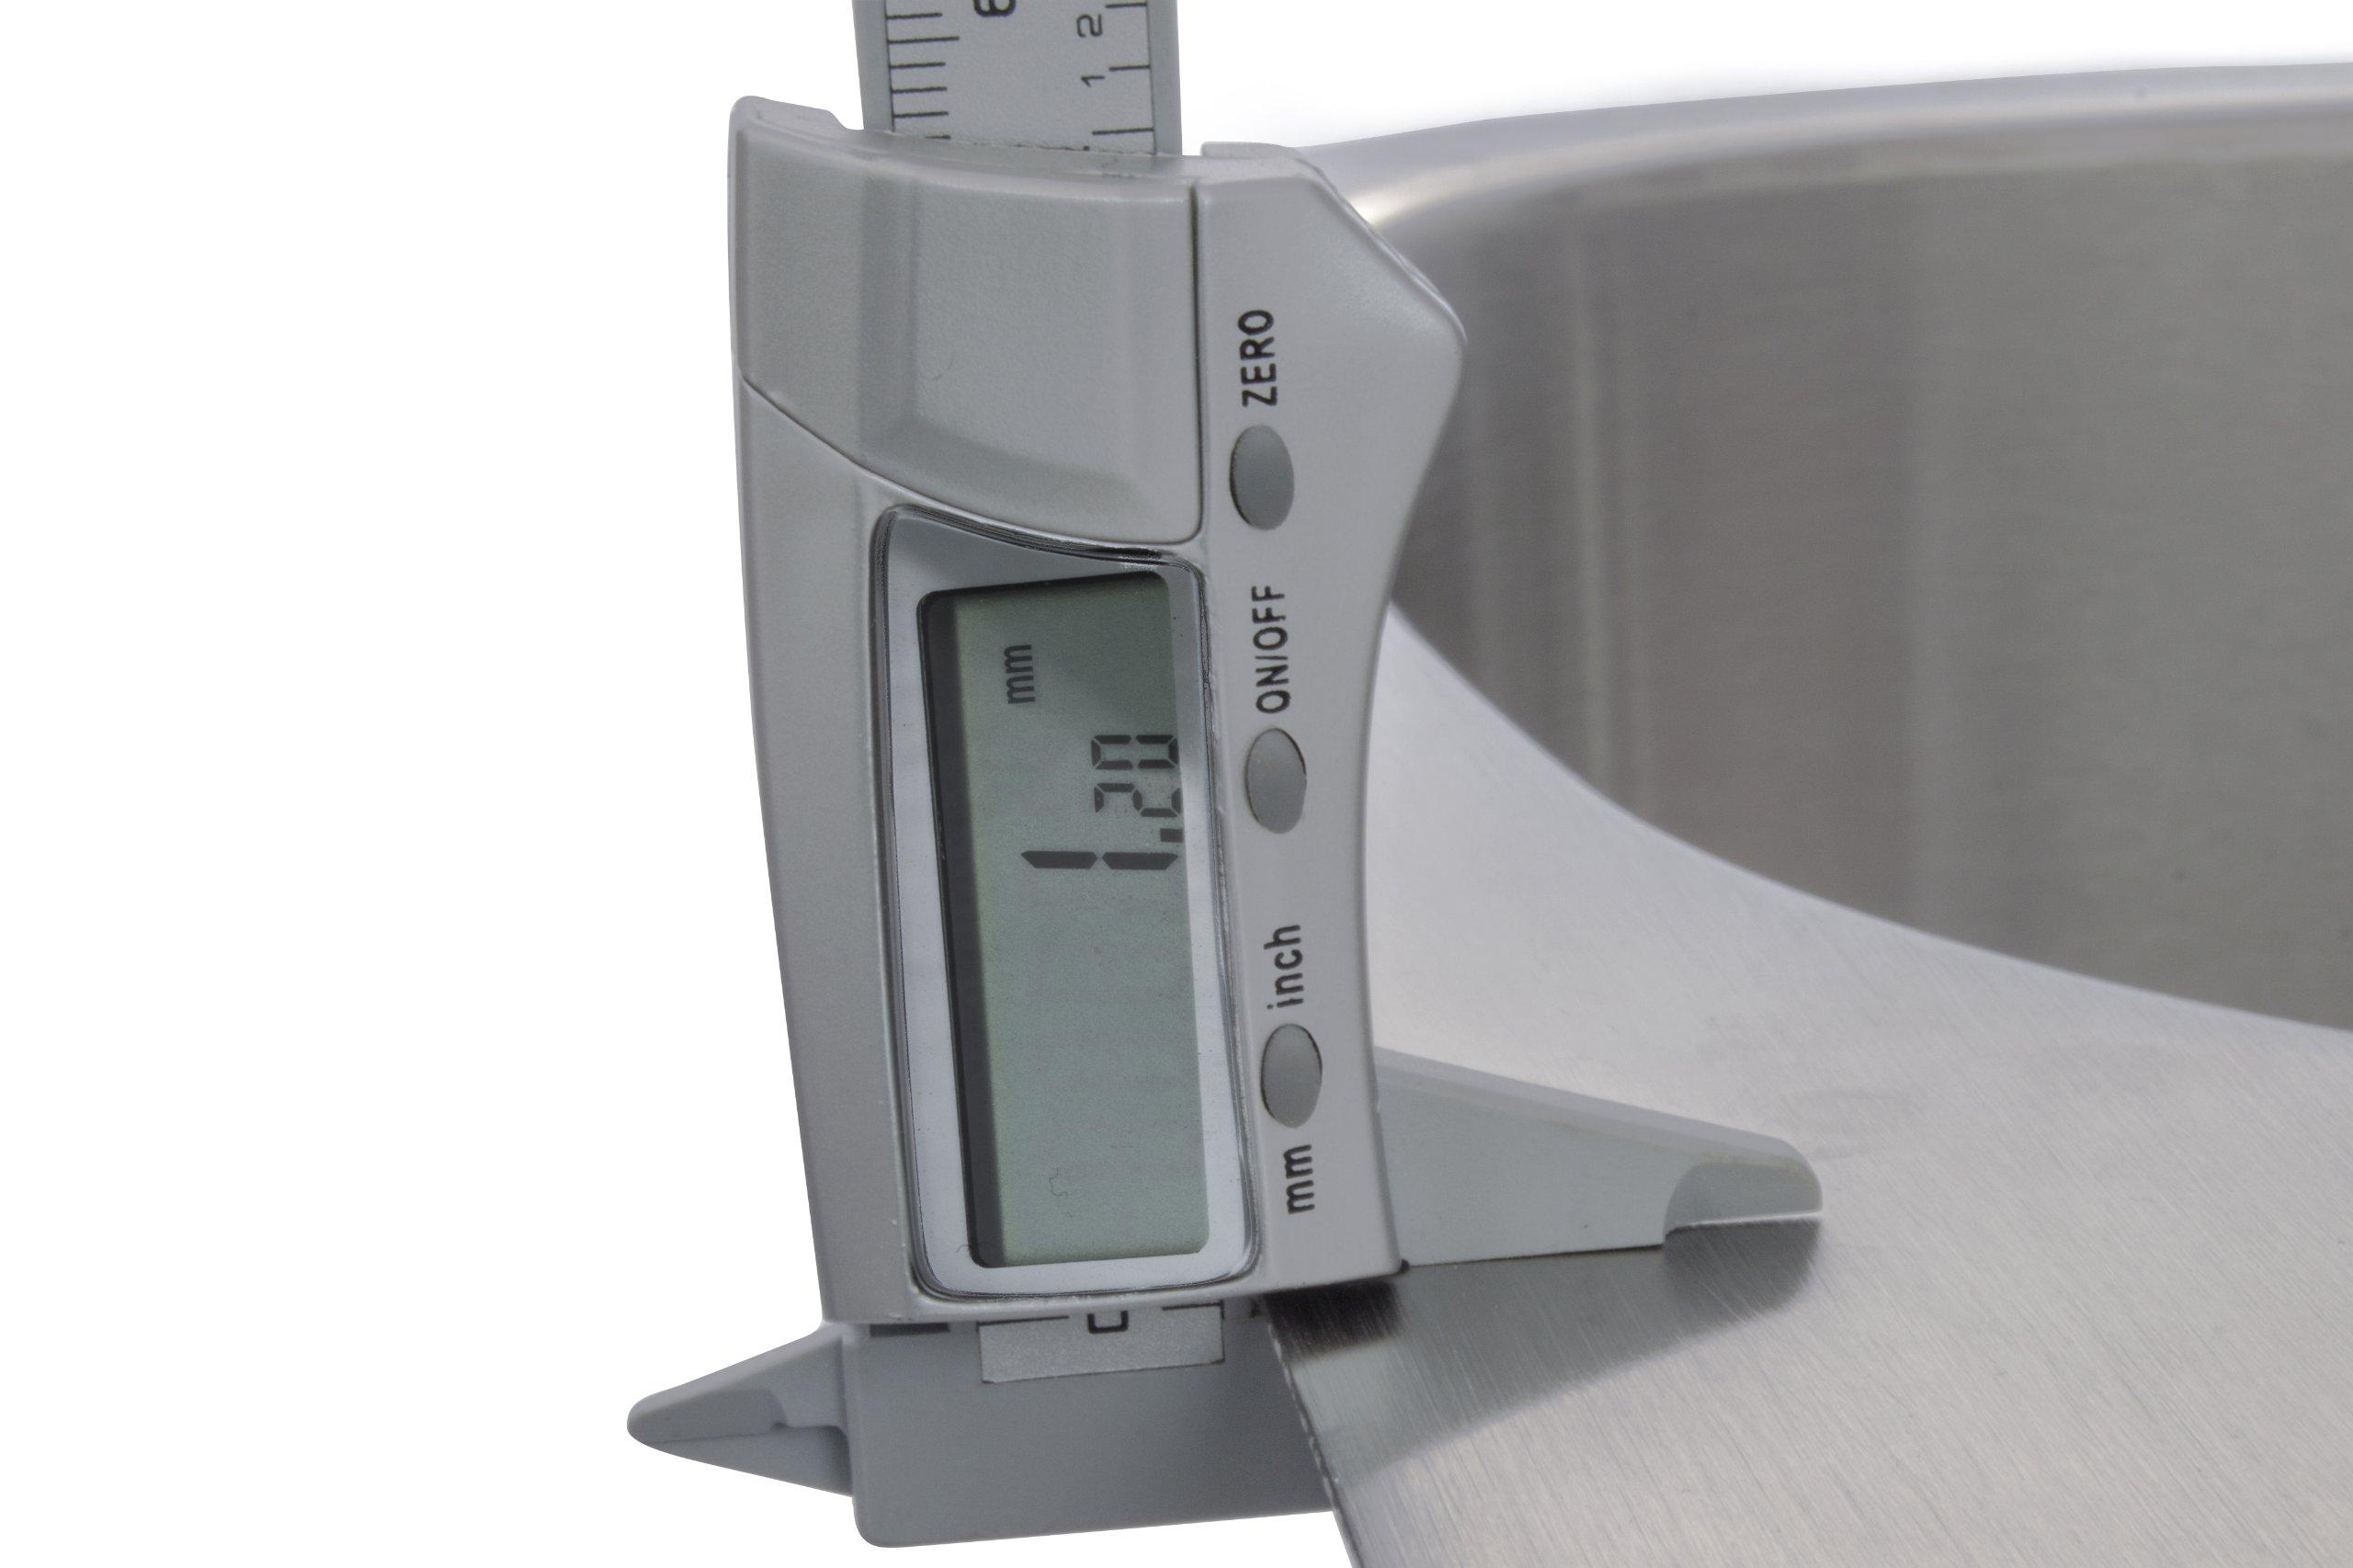 420 18-Gauge Dual-Mount Stainless Steel Bathroom Sink